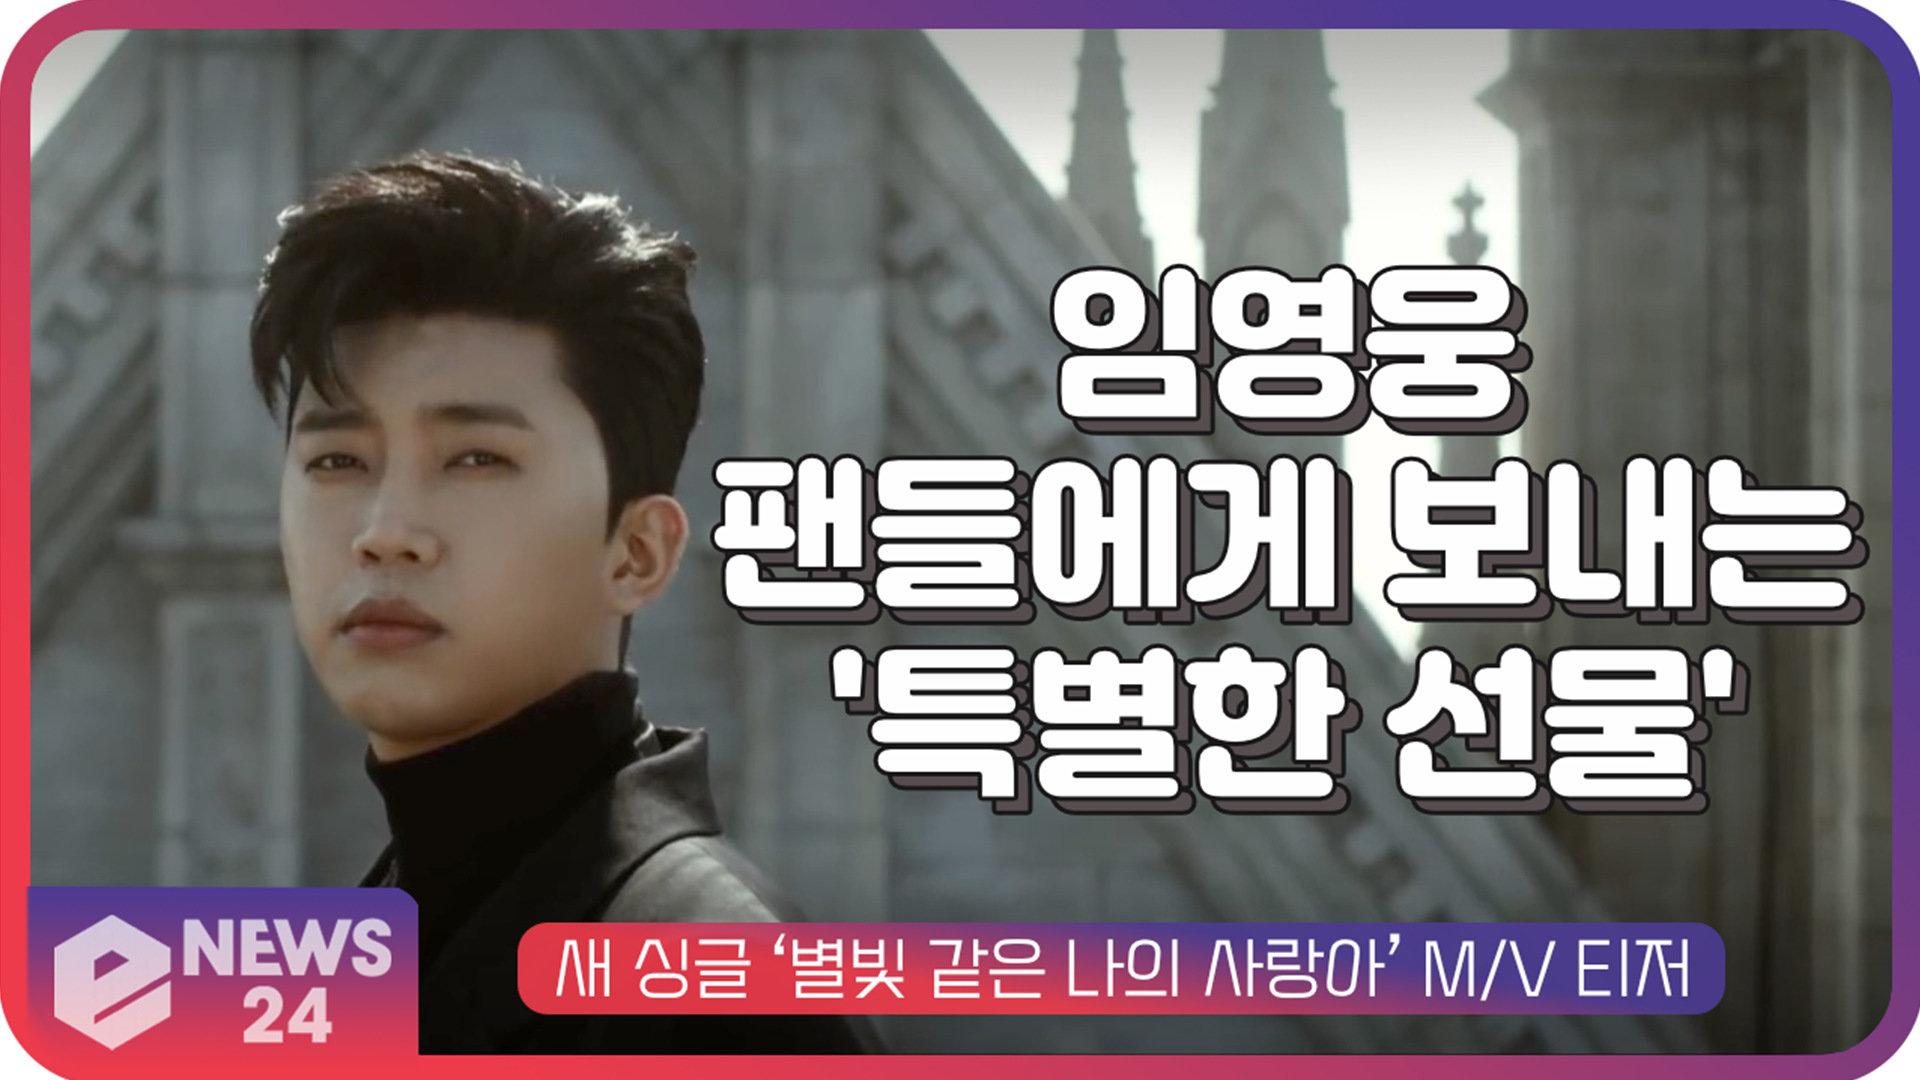 임영웅, 새 싱글 '별빛 같은 나의 사랑아' M/V 티저...팬들에게 보내는 '특별한 선물' | eNEWS 210308 방송